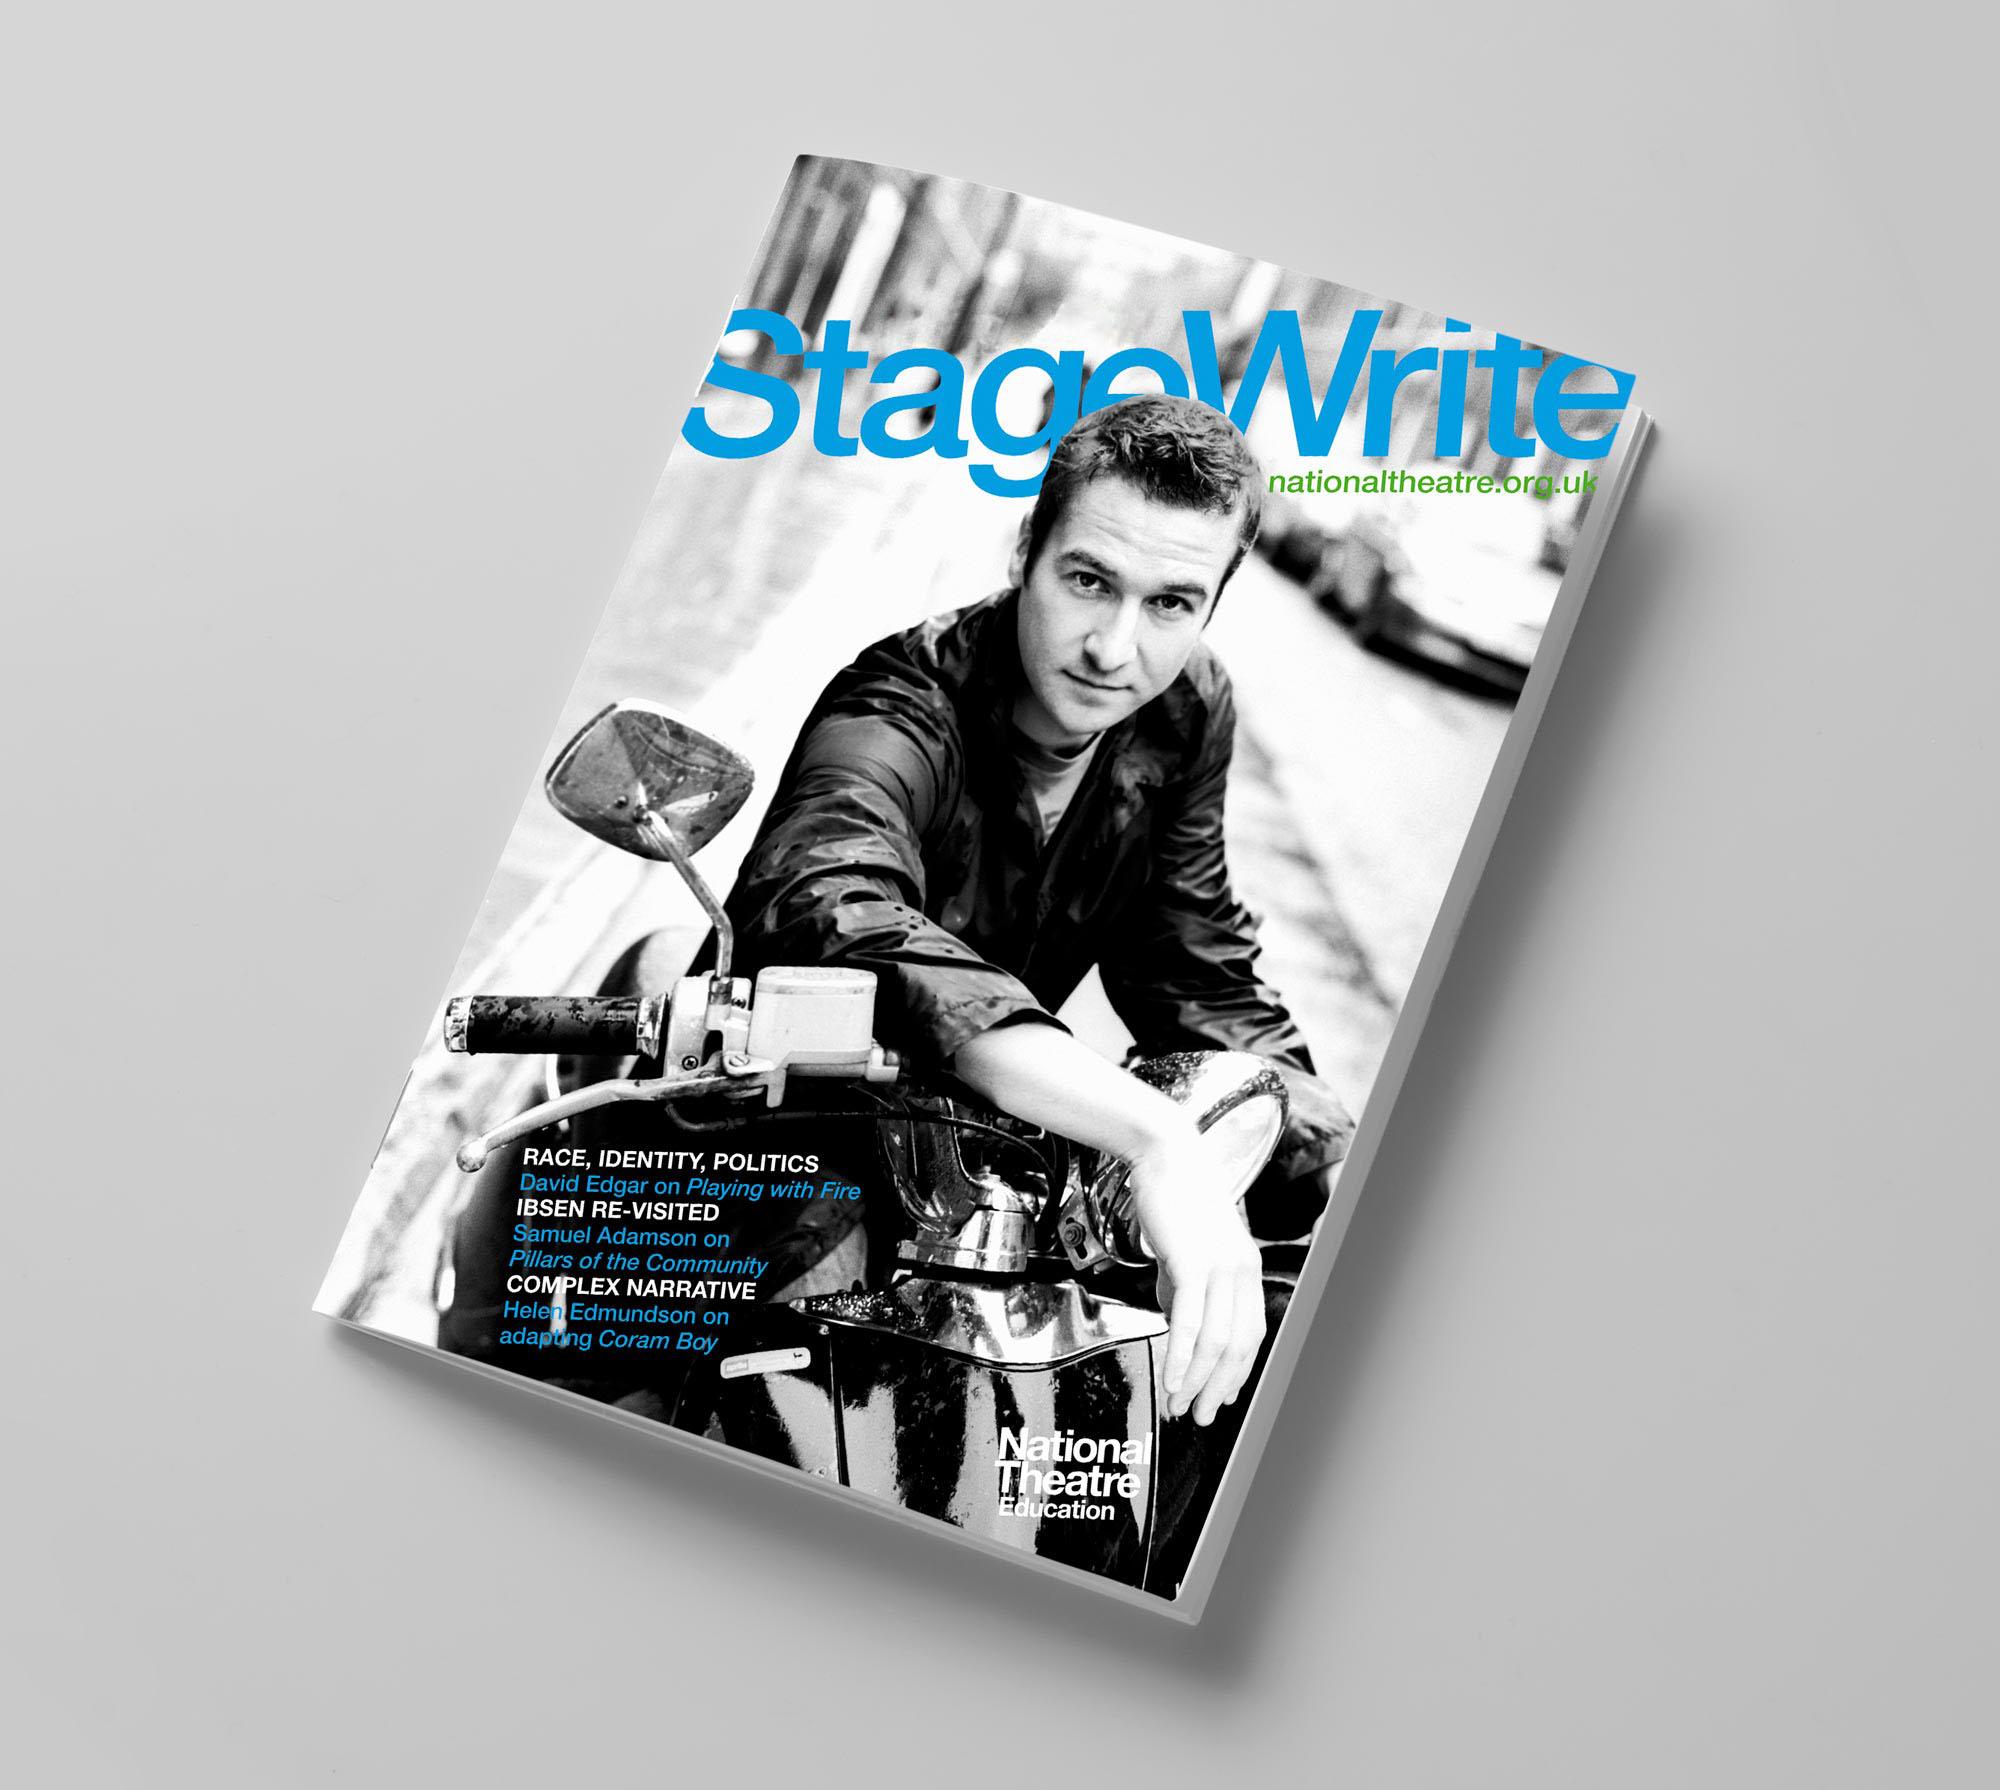 Stagewrite_cover_3.jpg